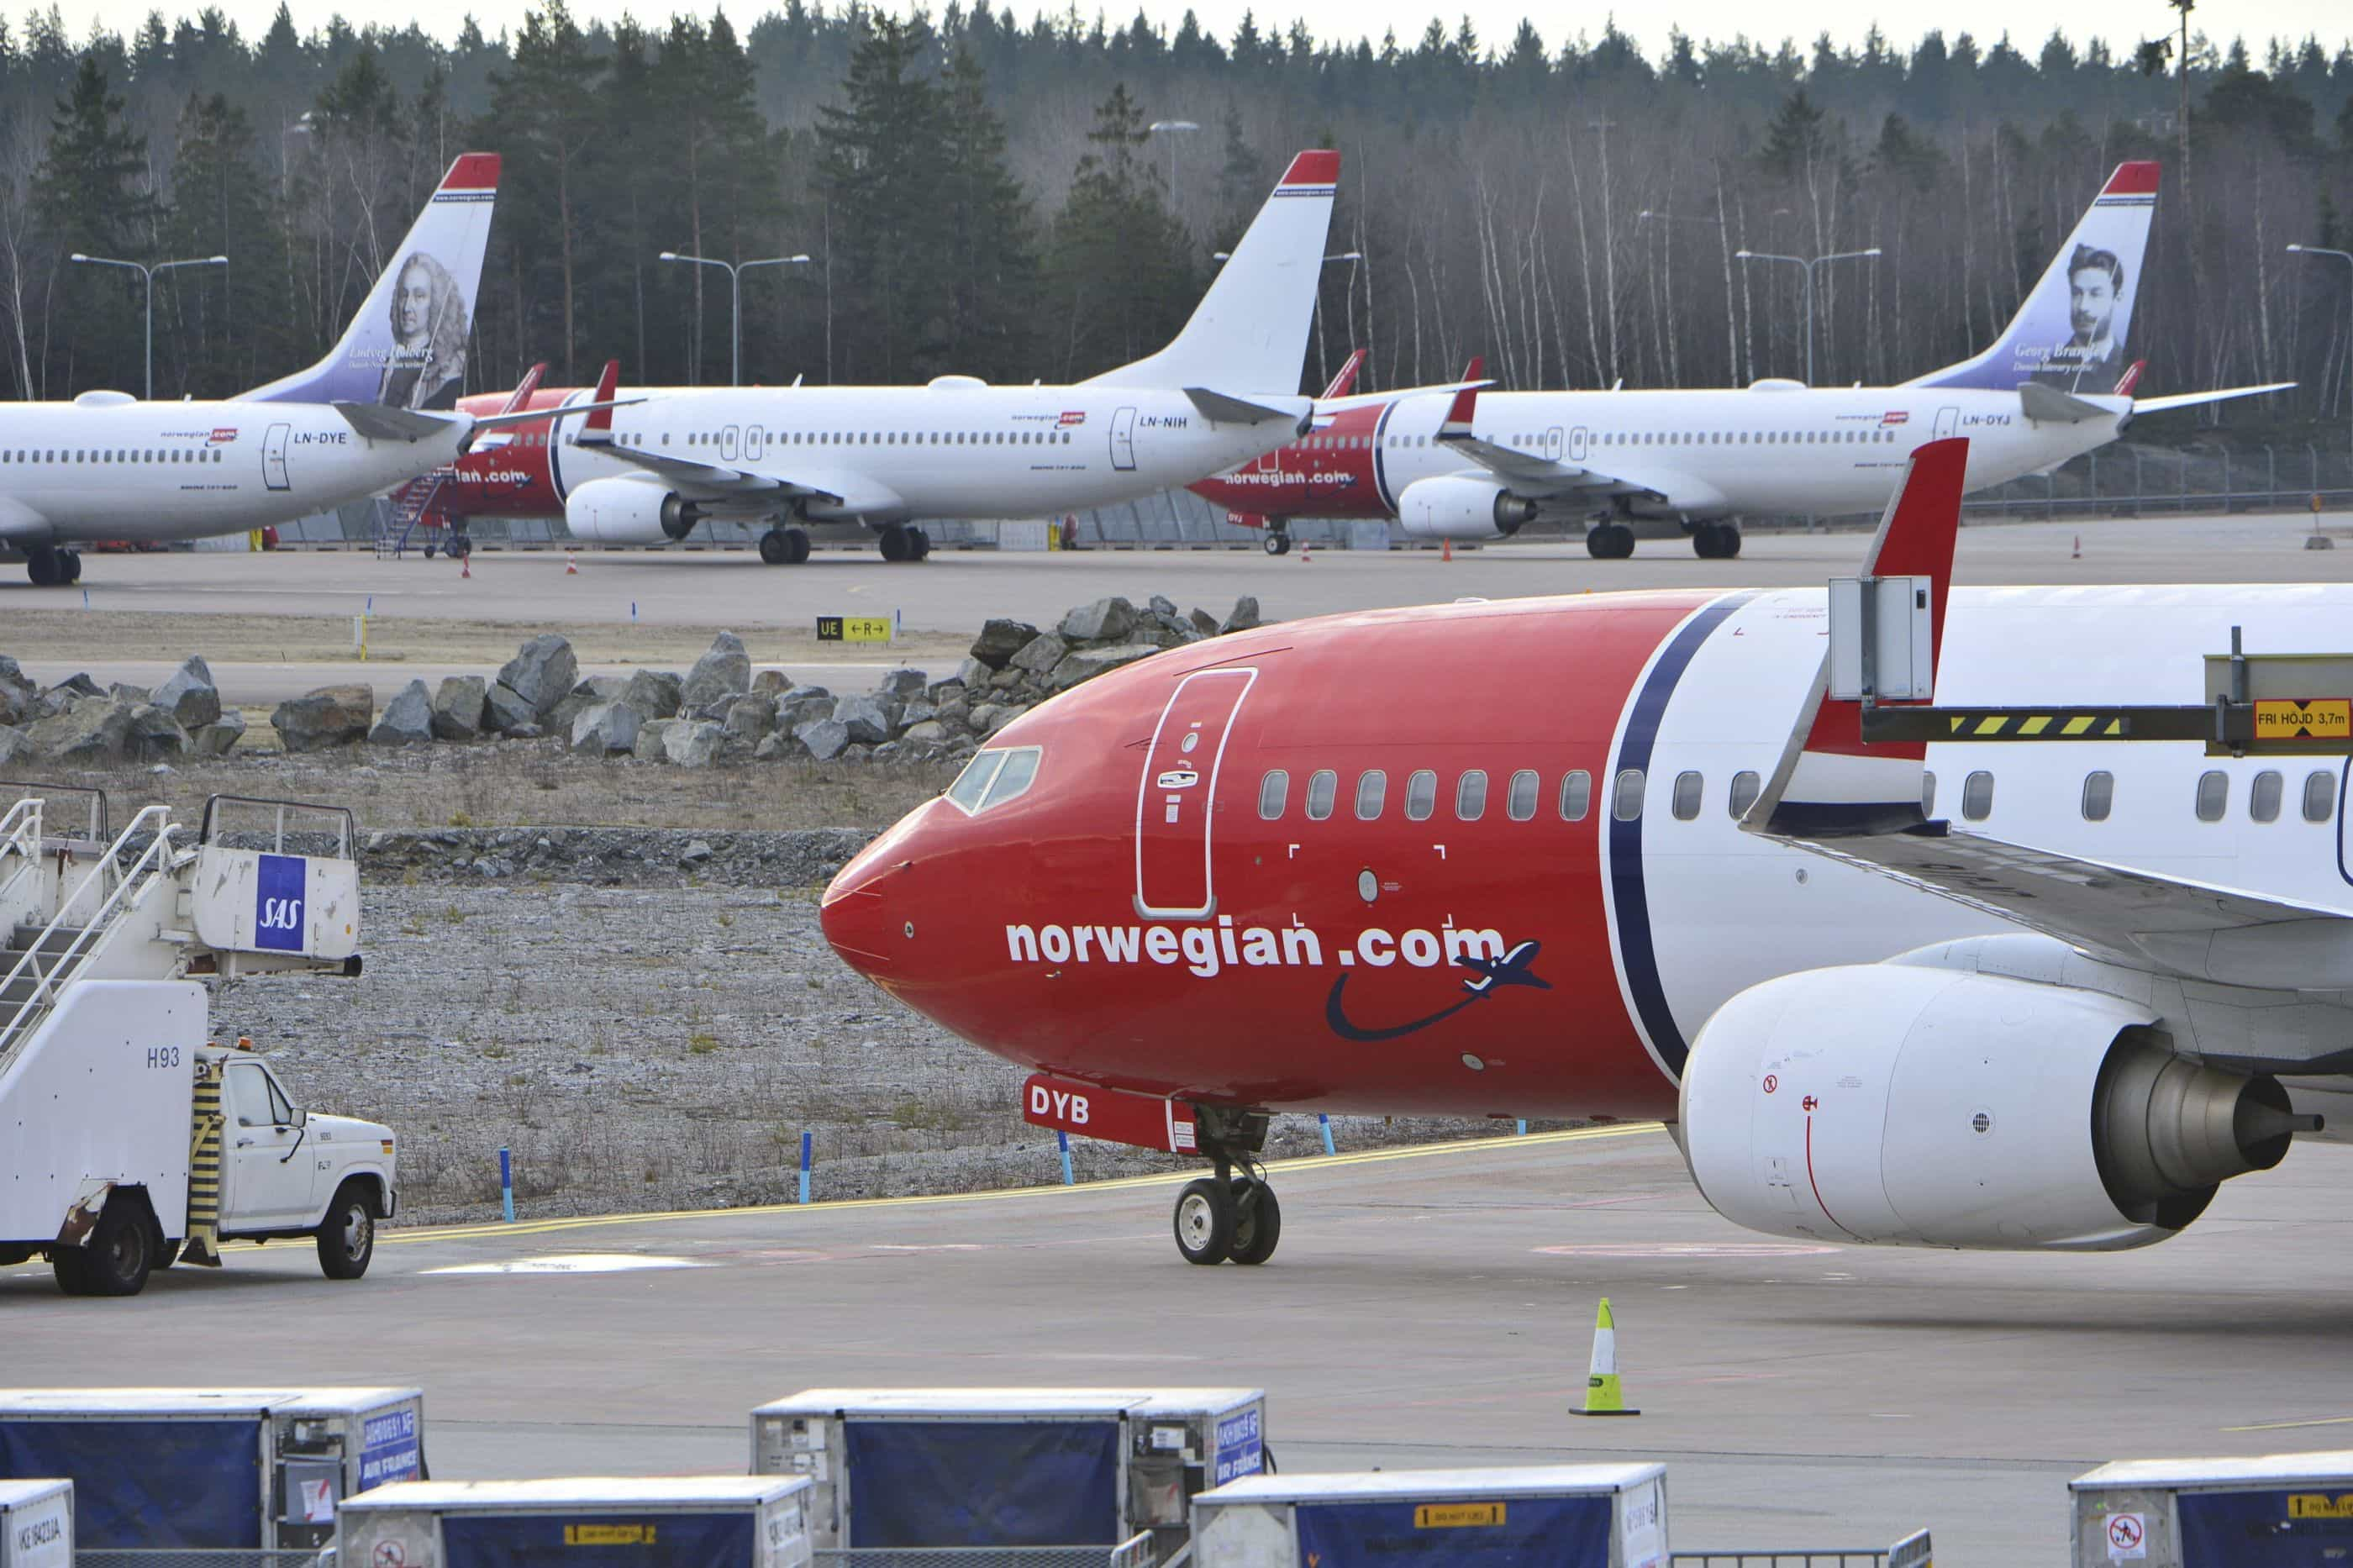 Ameaça de bomba em avião com destino a França obriga-o a voltar para trás